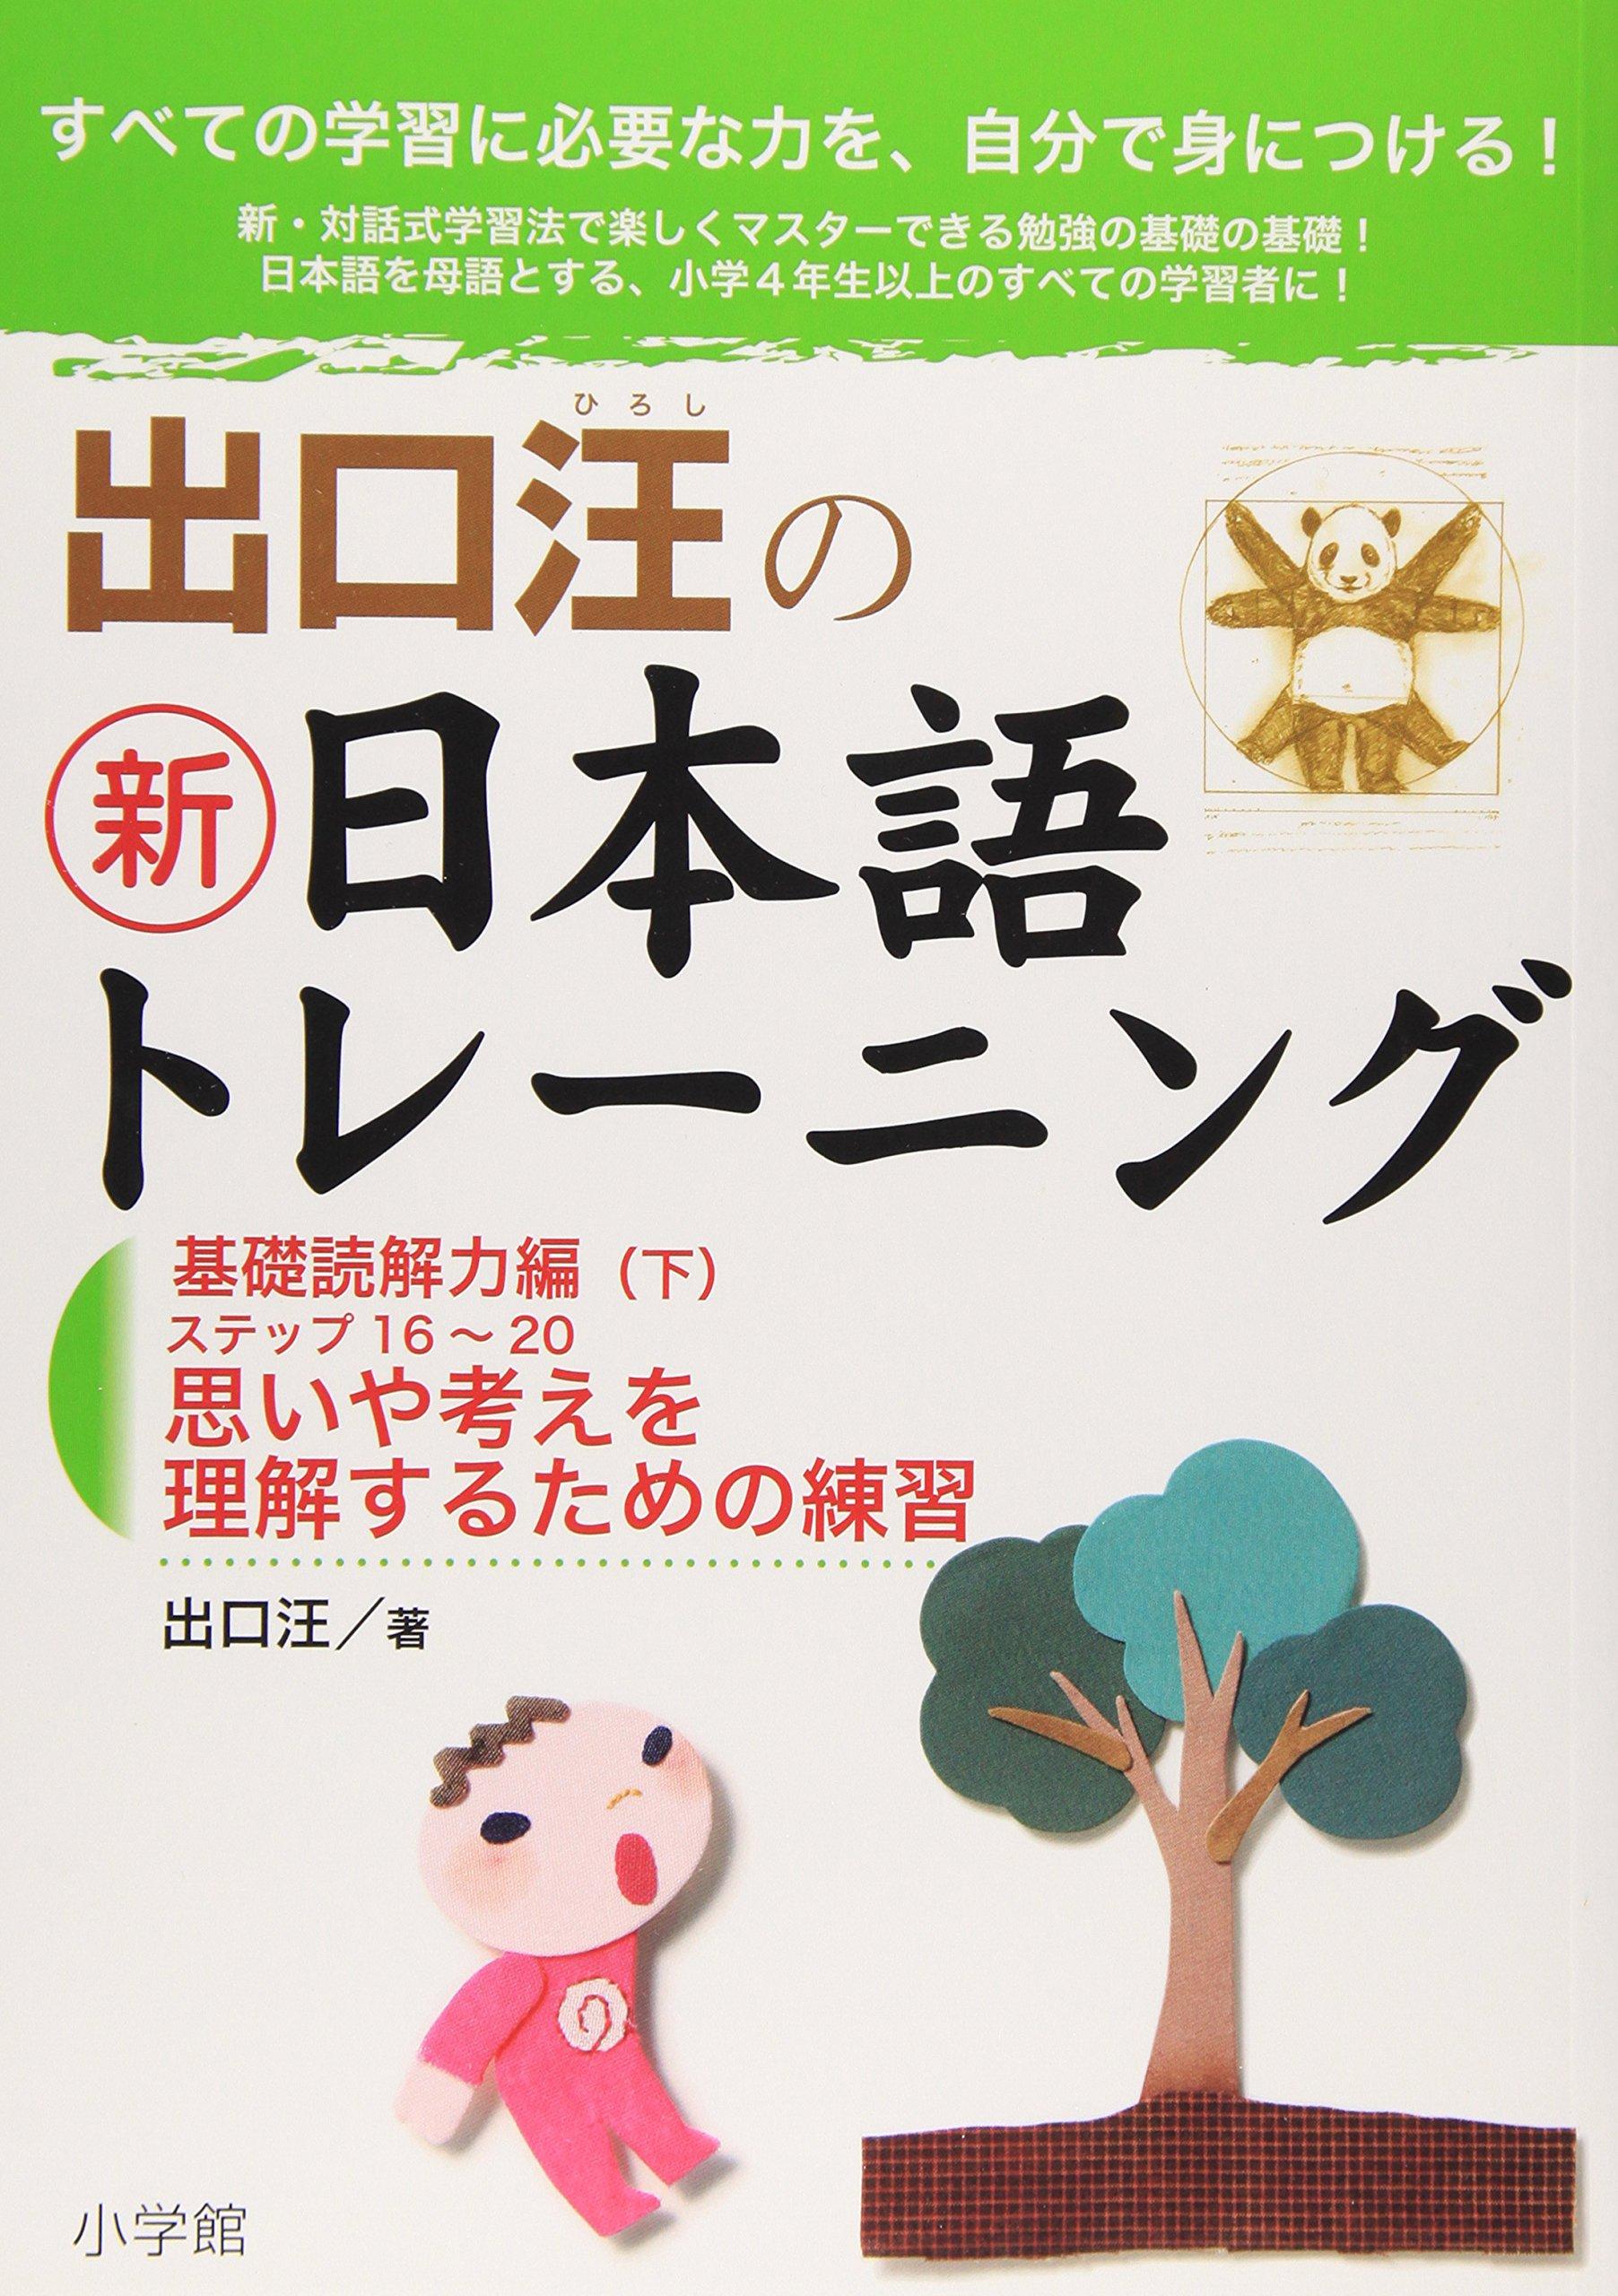 ShinNihongo Training 4 - Basic Reading Comprehension Volume (Deguchi no Shin Nihongo Toreningu 4 Kiso Dokkairyoku hen) pdf